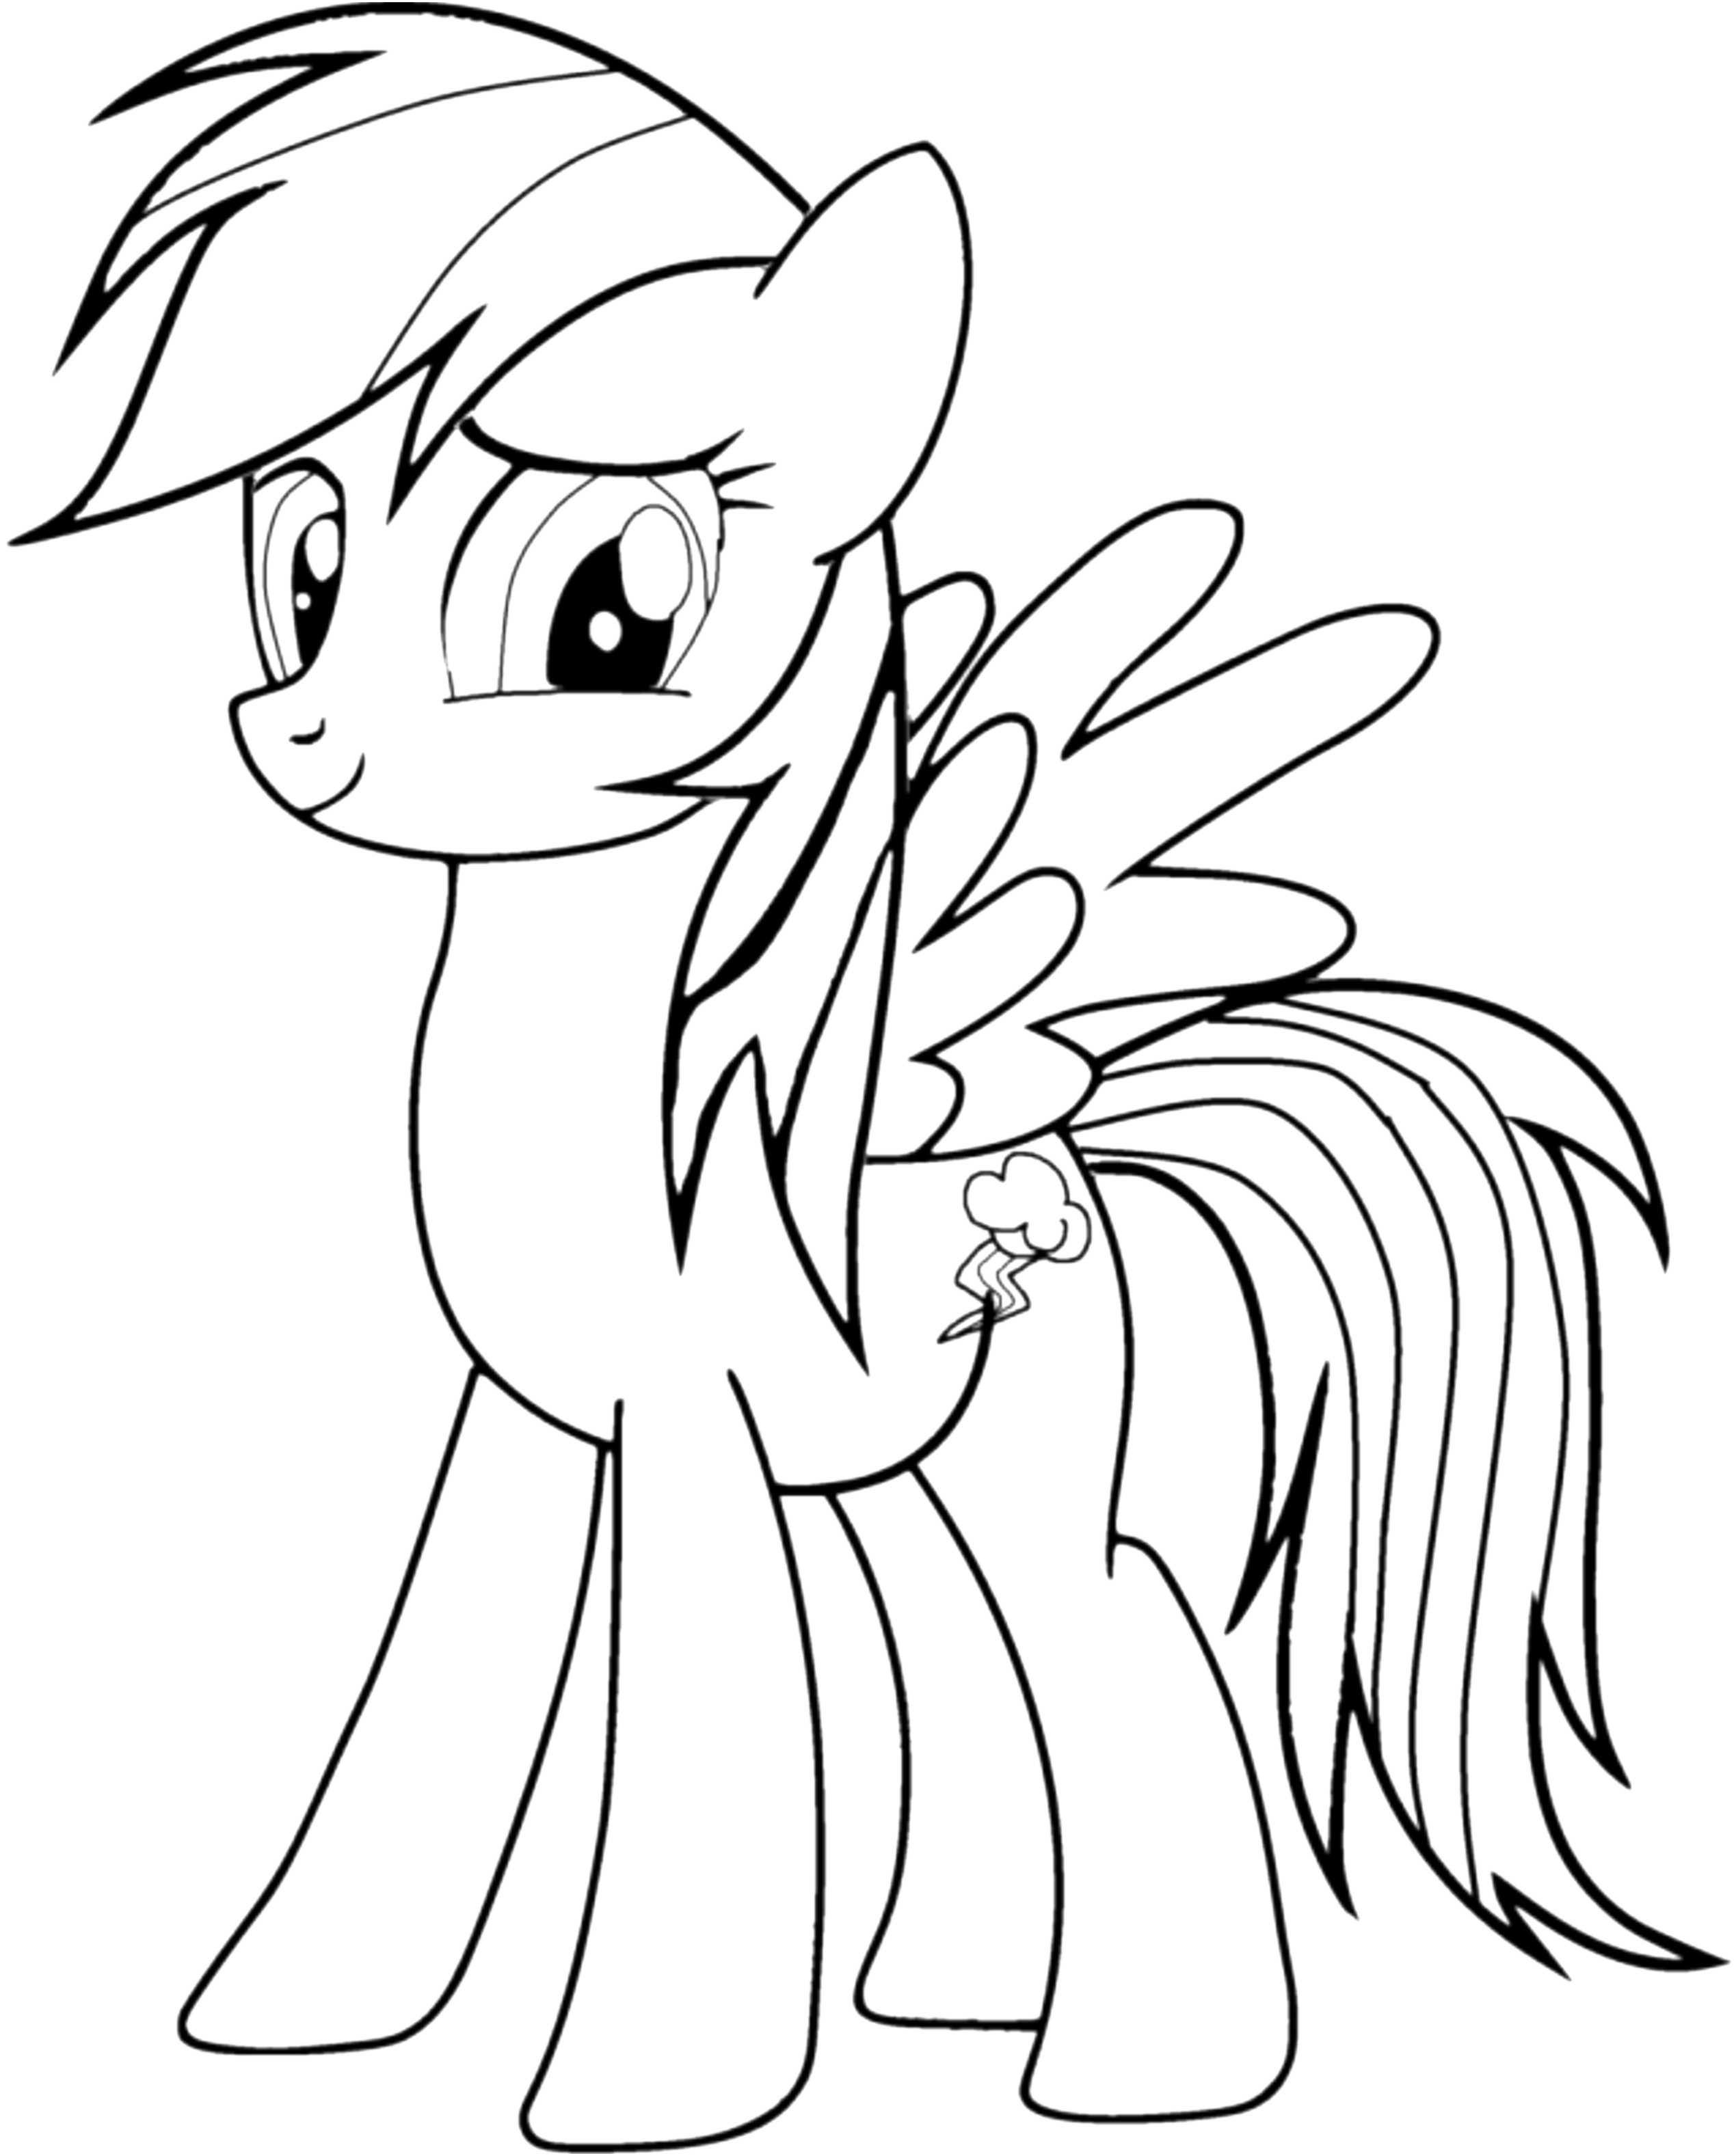 Ausmalbilder My Little Pony Rainbow Dash Das Beste Von 41 Inspirierend My Little Pony Malvorlagen – Große Coloring Page Das Bild